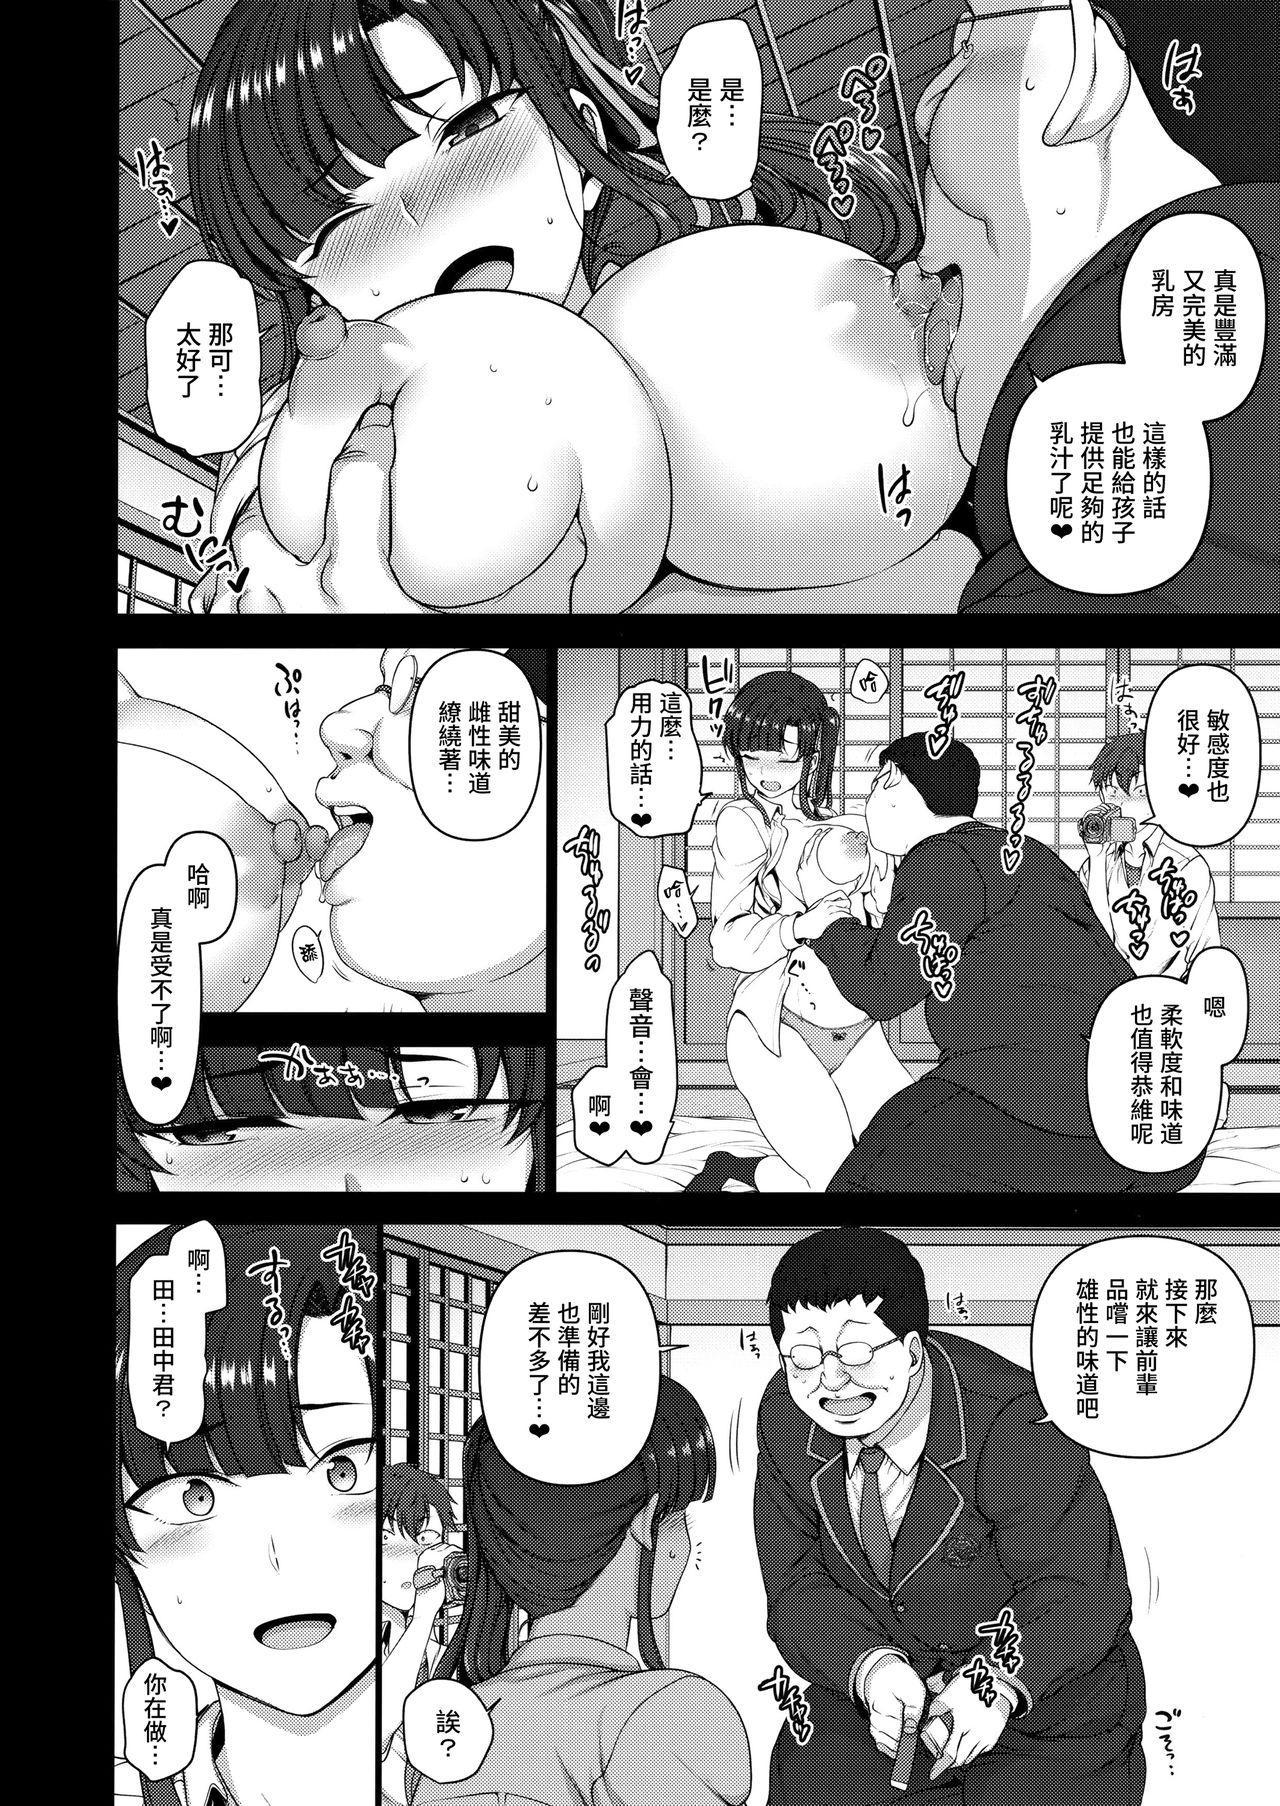 Saimin Seishidou 3 Miyajima Sakura to Kase Masafumi no Baai 13